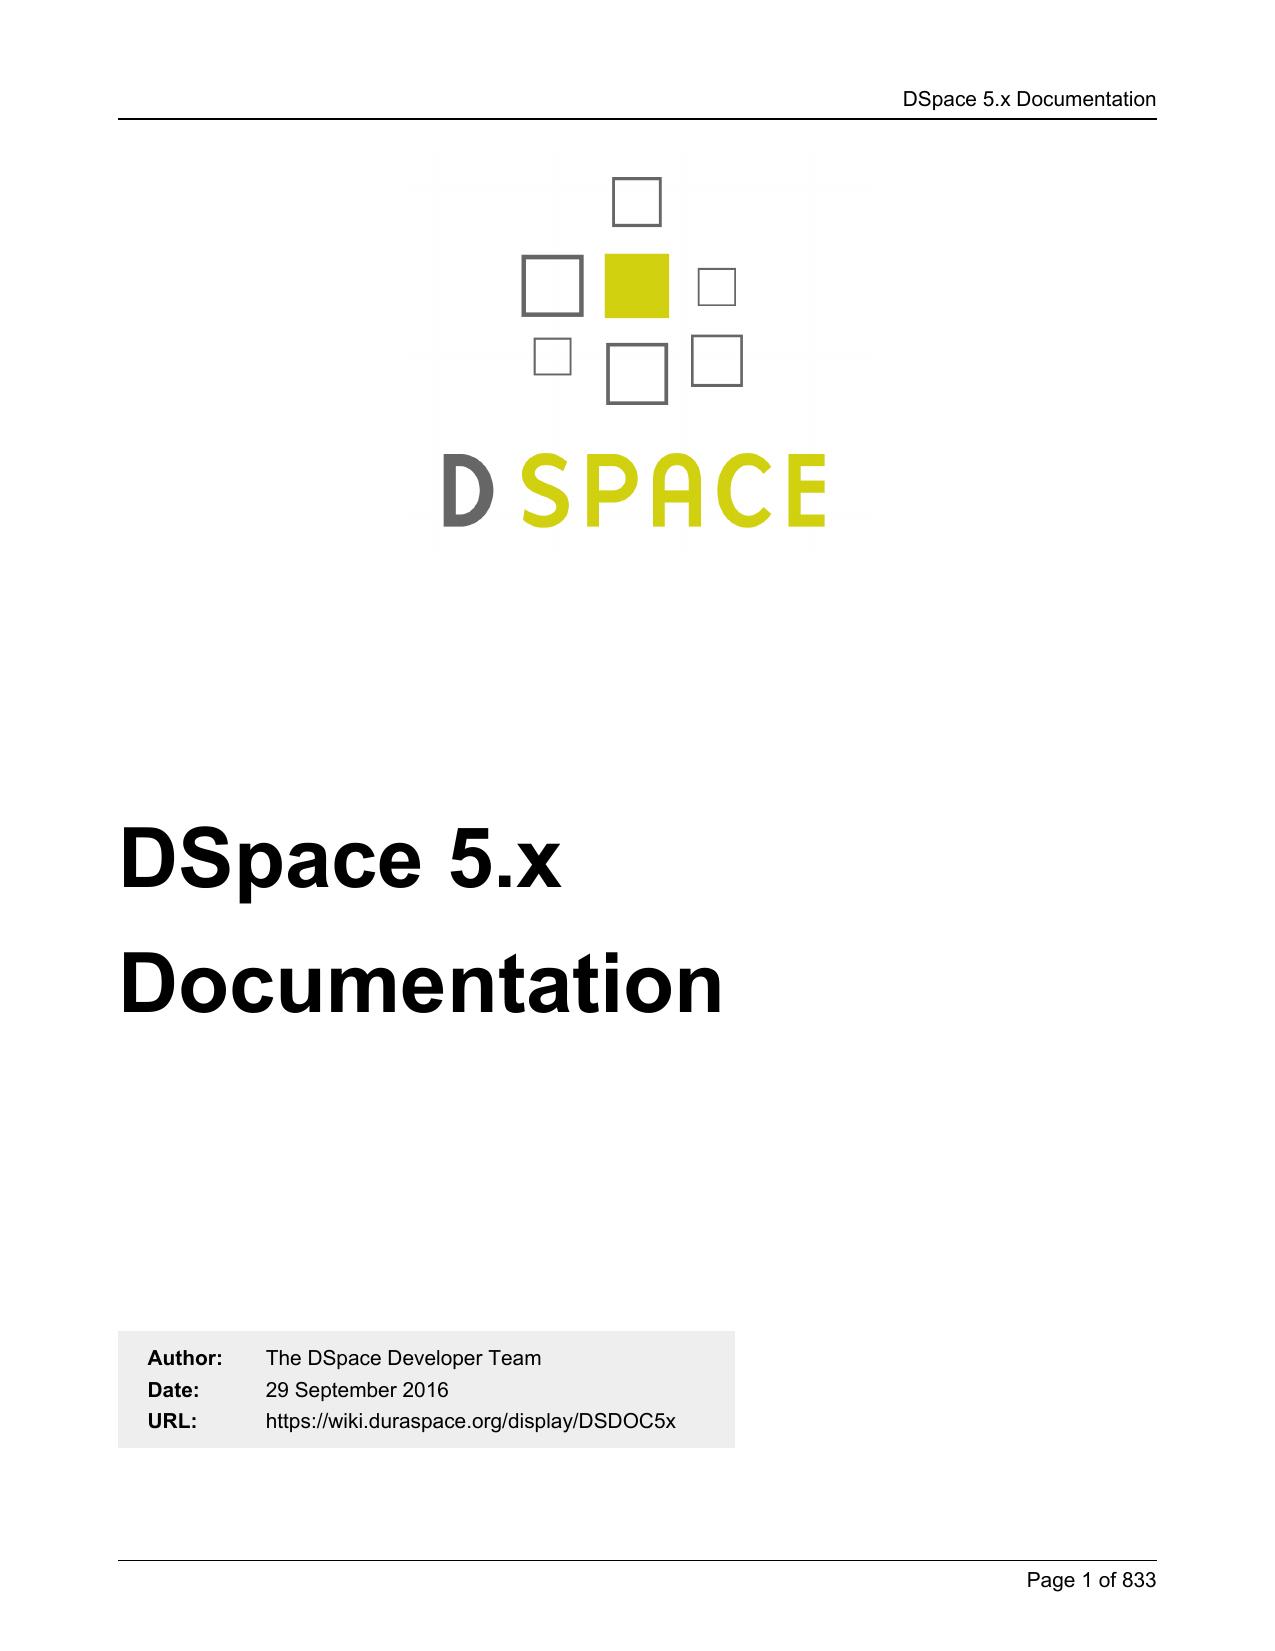 DSpace 5 x Documentation | manualzz com